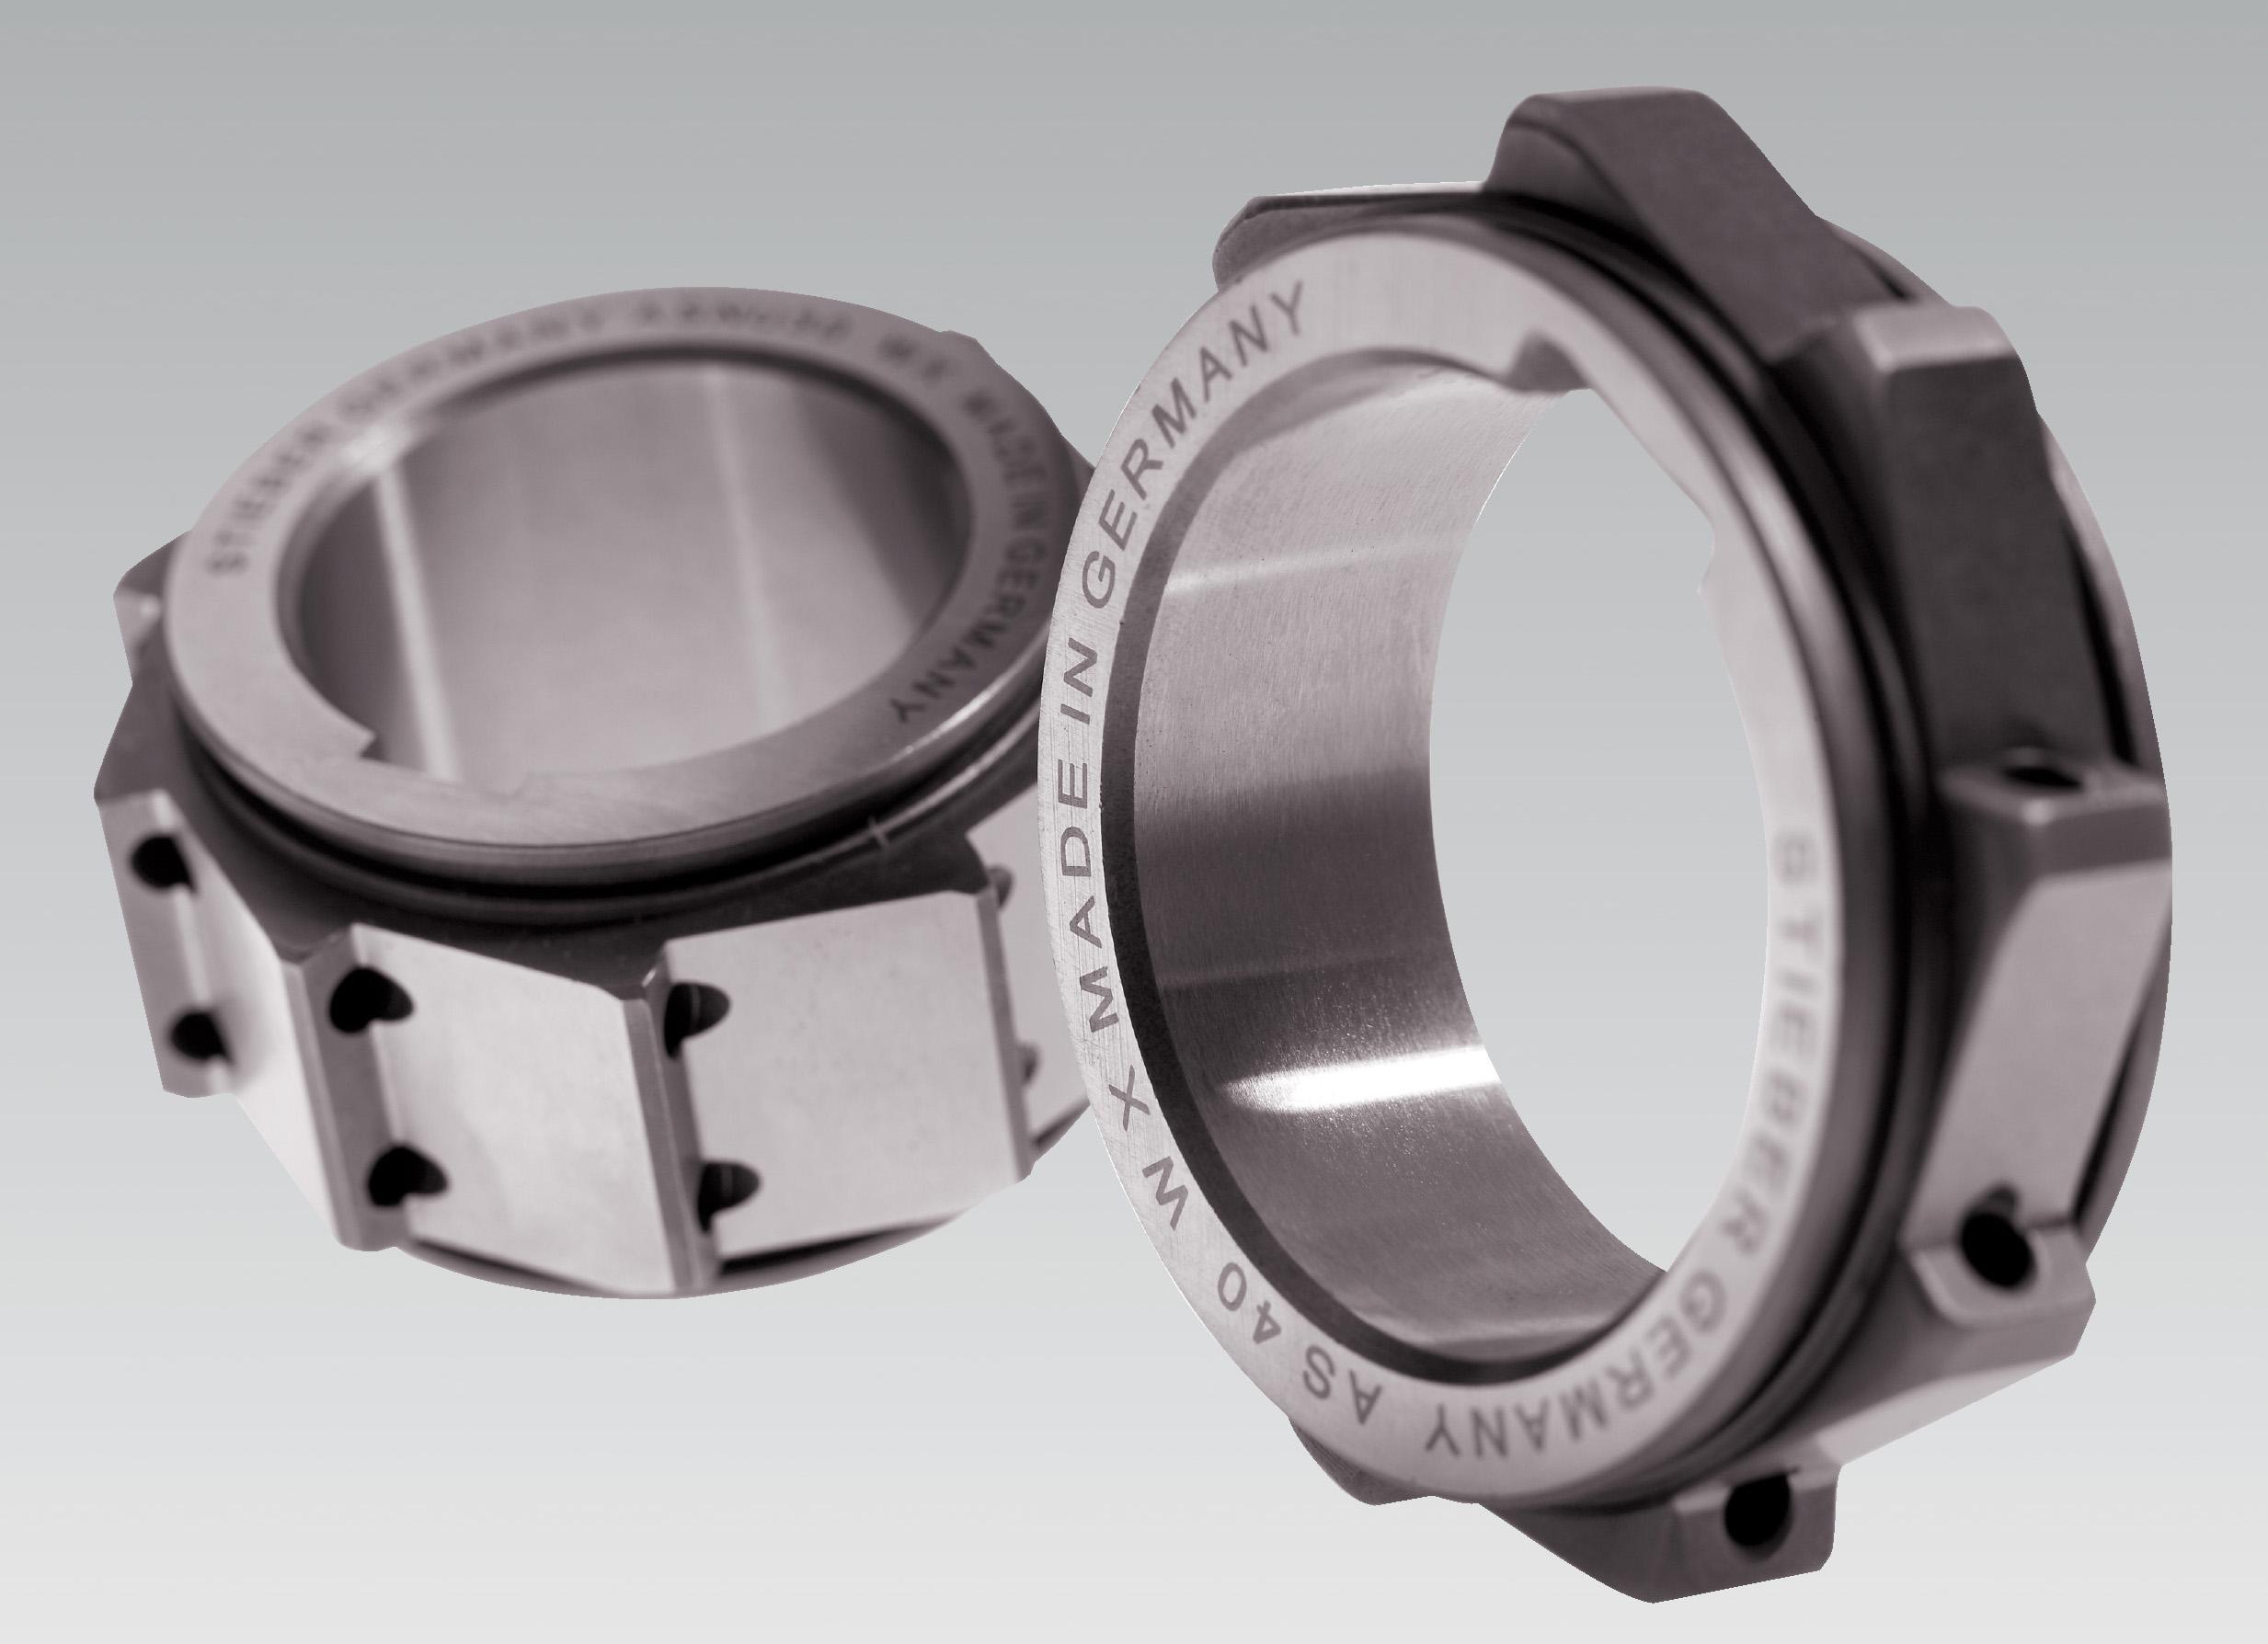 Permanent laser marking on metal ring